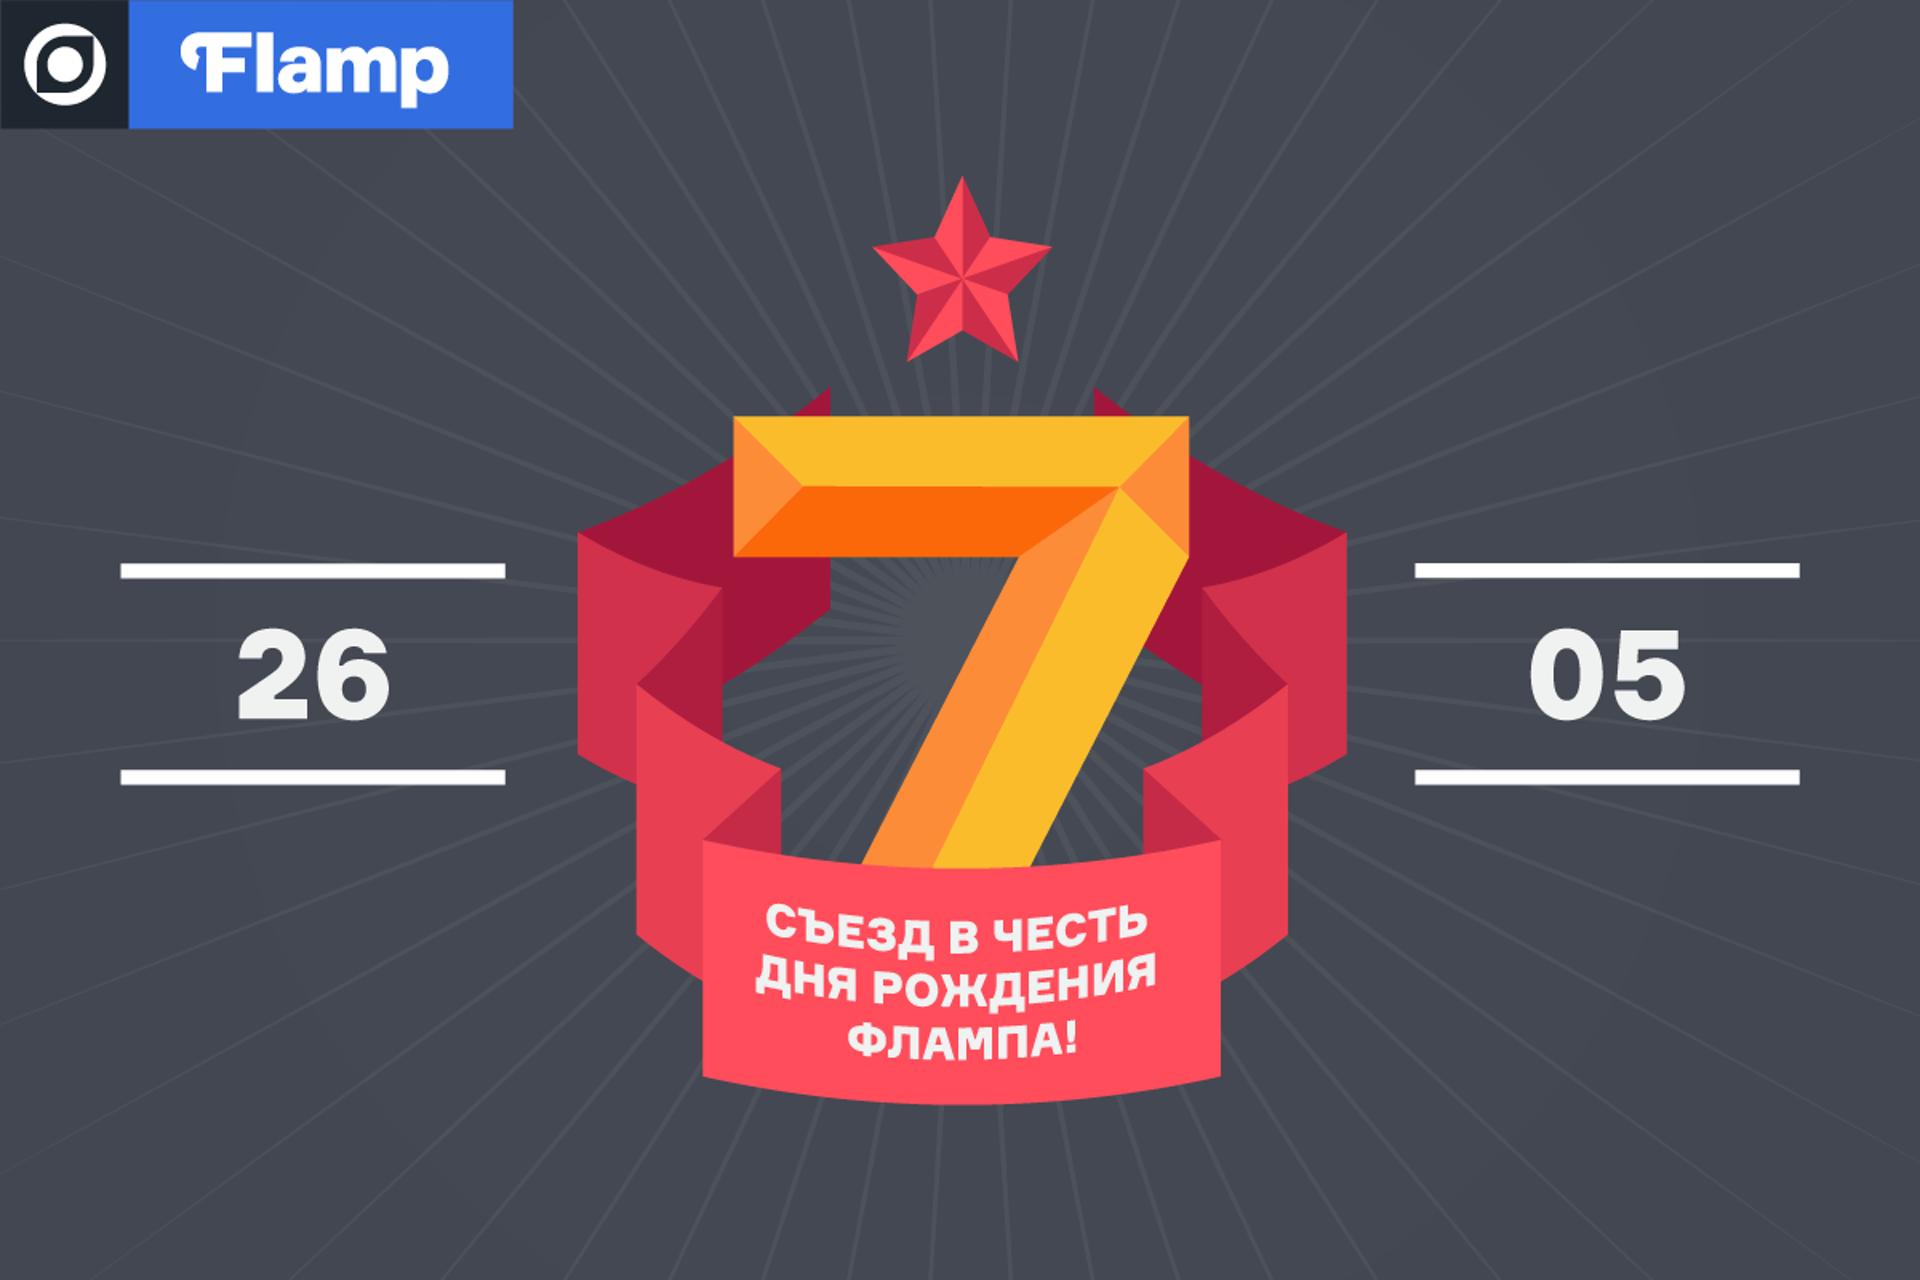 Советский день рождения: назад в 60-е